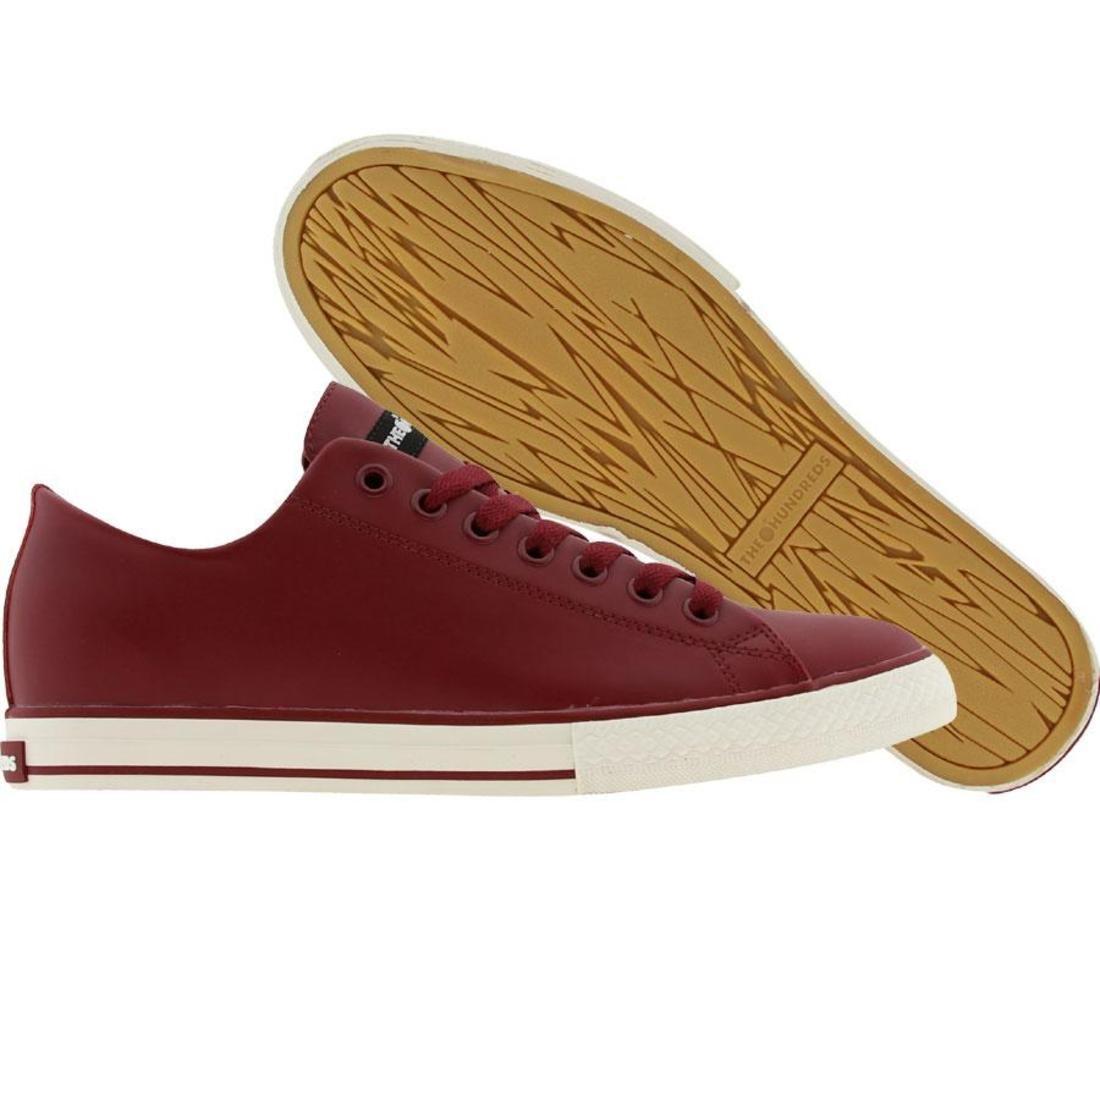 【海外限定】靴 スニーカー 【 THE HUNDREDS VALENZUELA LOW TOP BURGUNDY 】